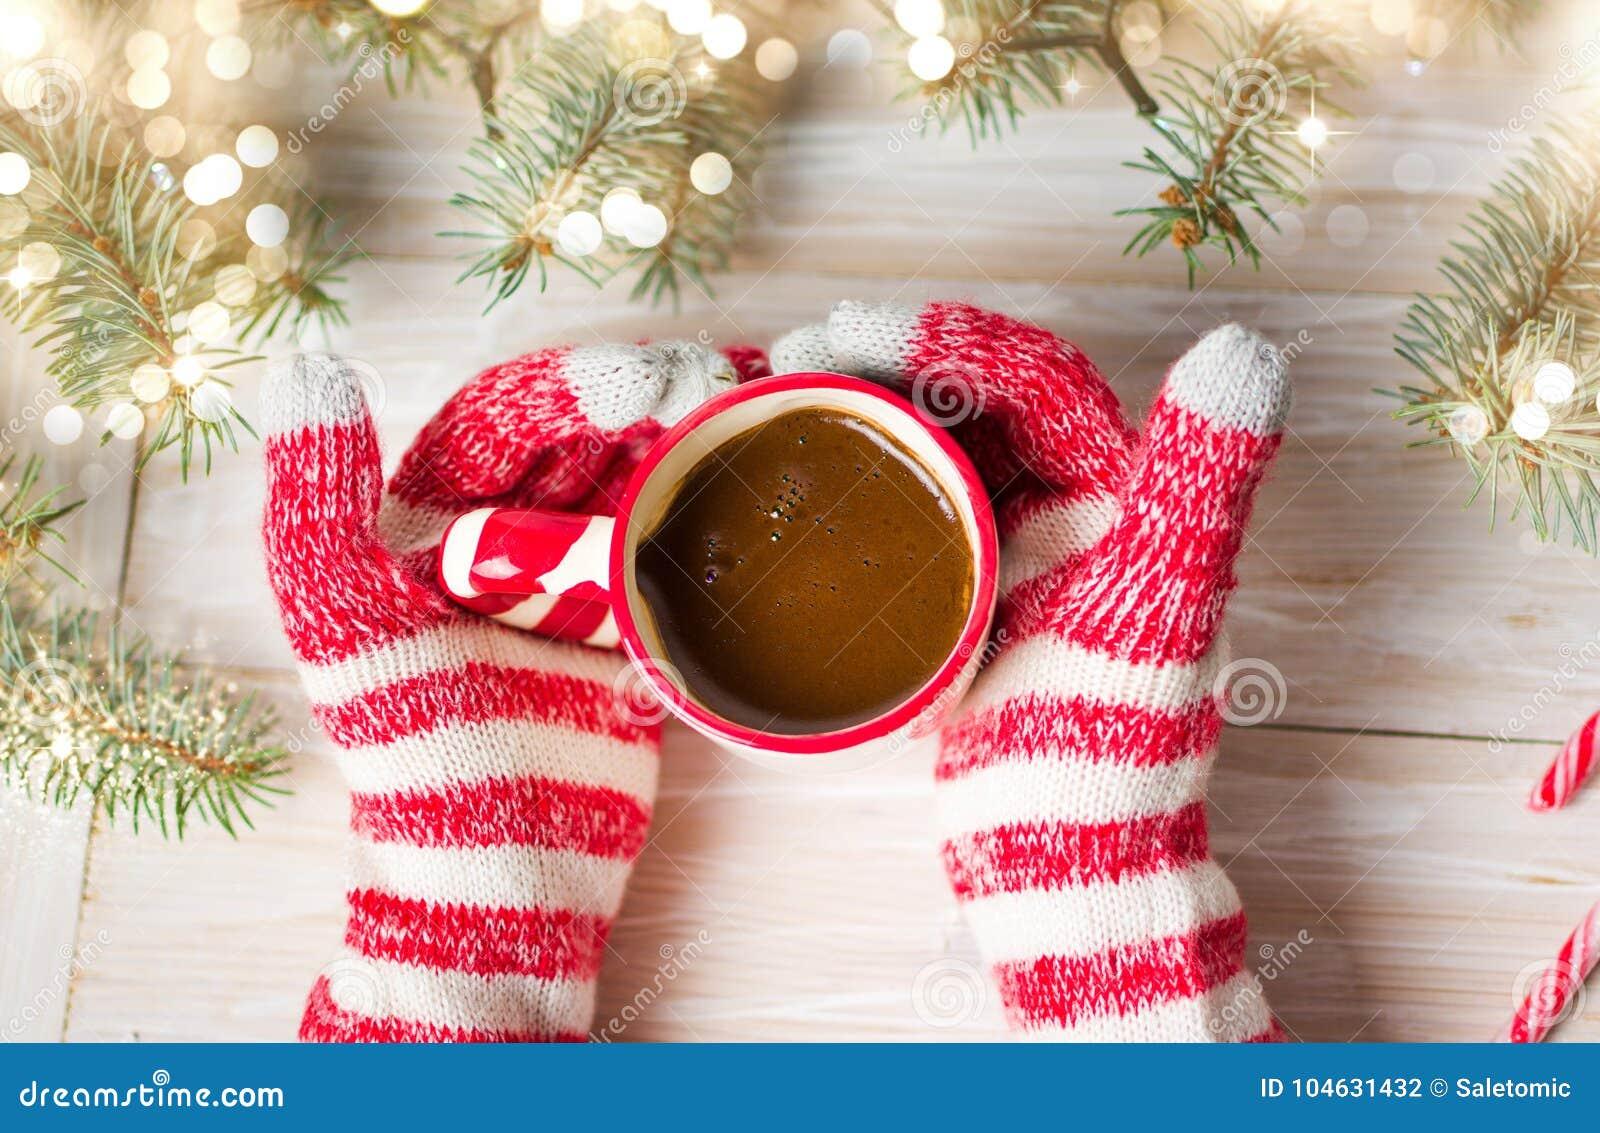 Download Dient De Winterhandschoenen In Houdend Een Kop Van Koffie Stock Foto - Afbeelding bestaande uit hand, gebreid: 104631432